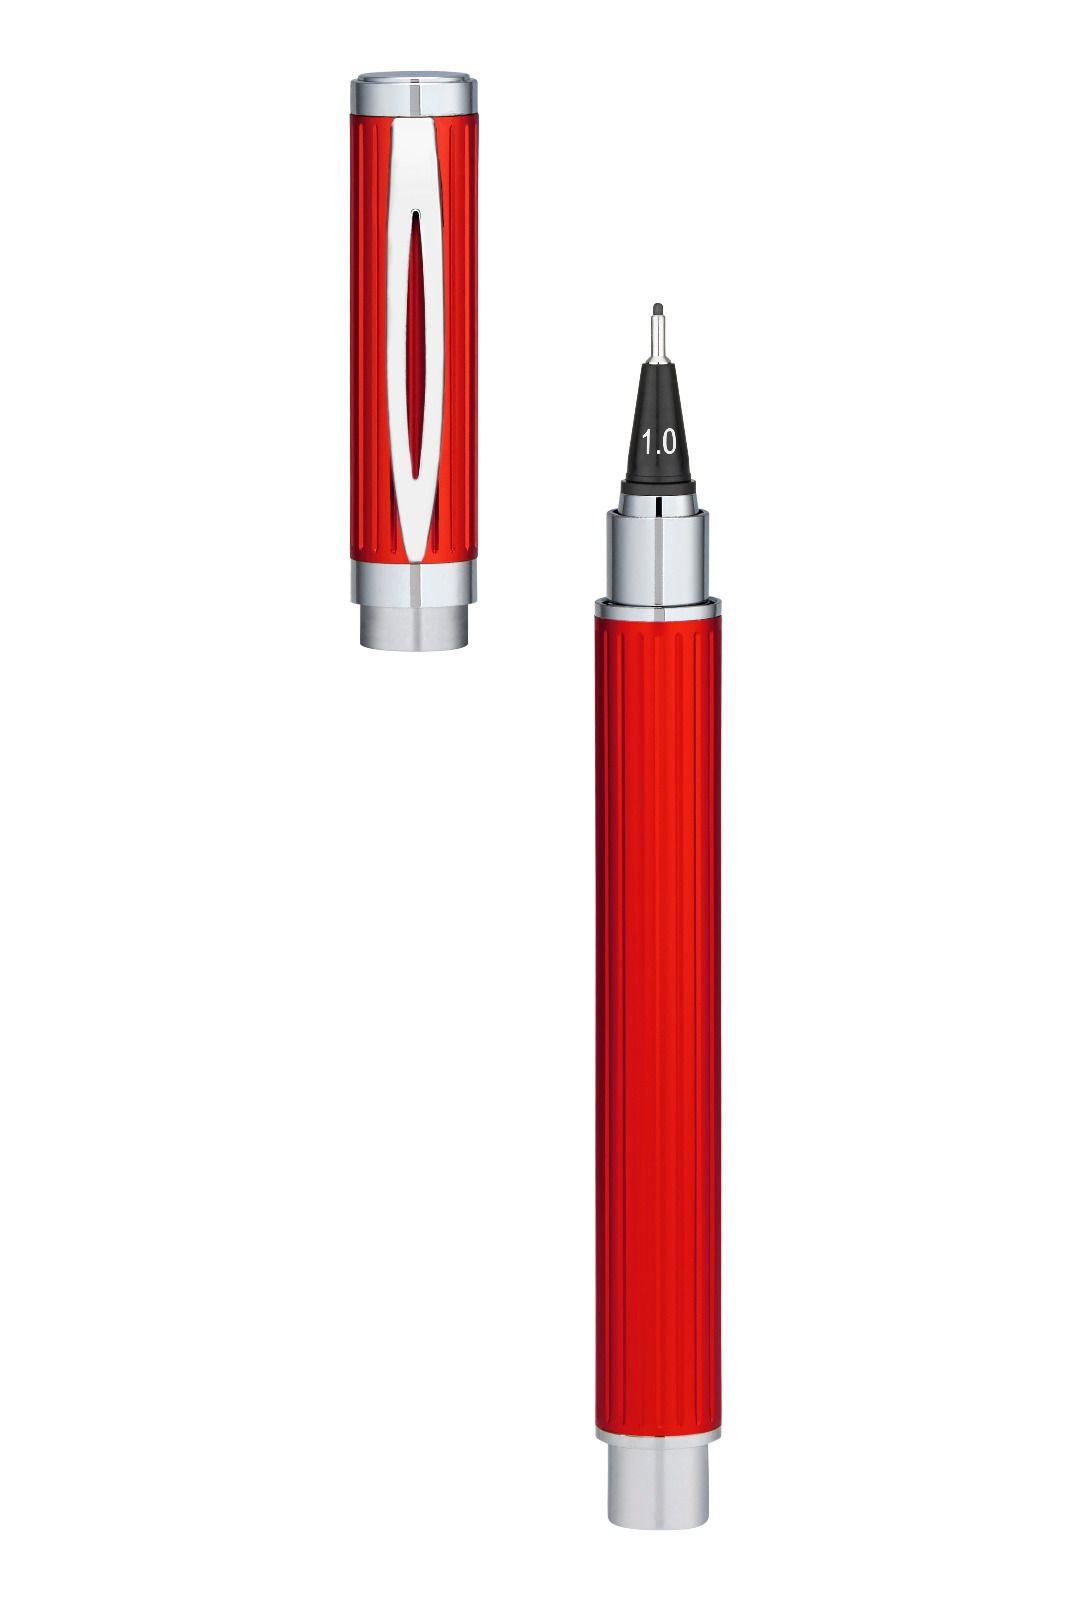 Yookers Fiberpen Eros vermelha C/ Conversor De Tinta.